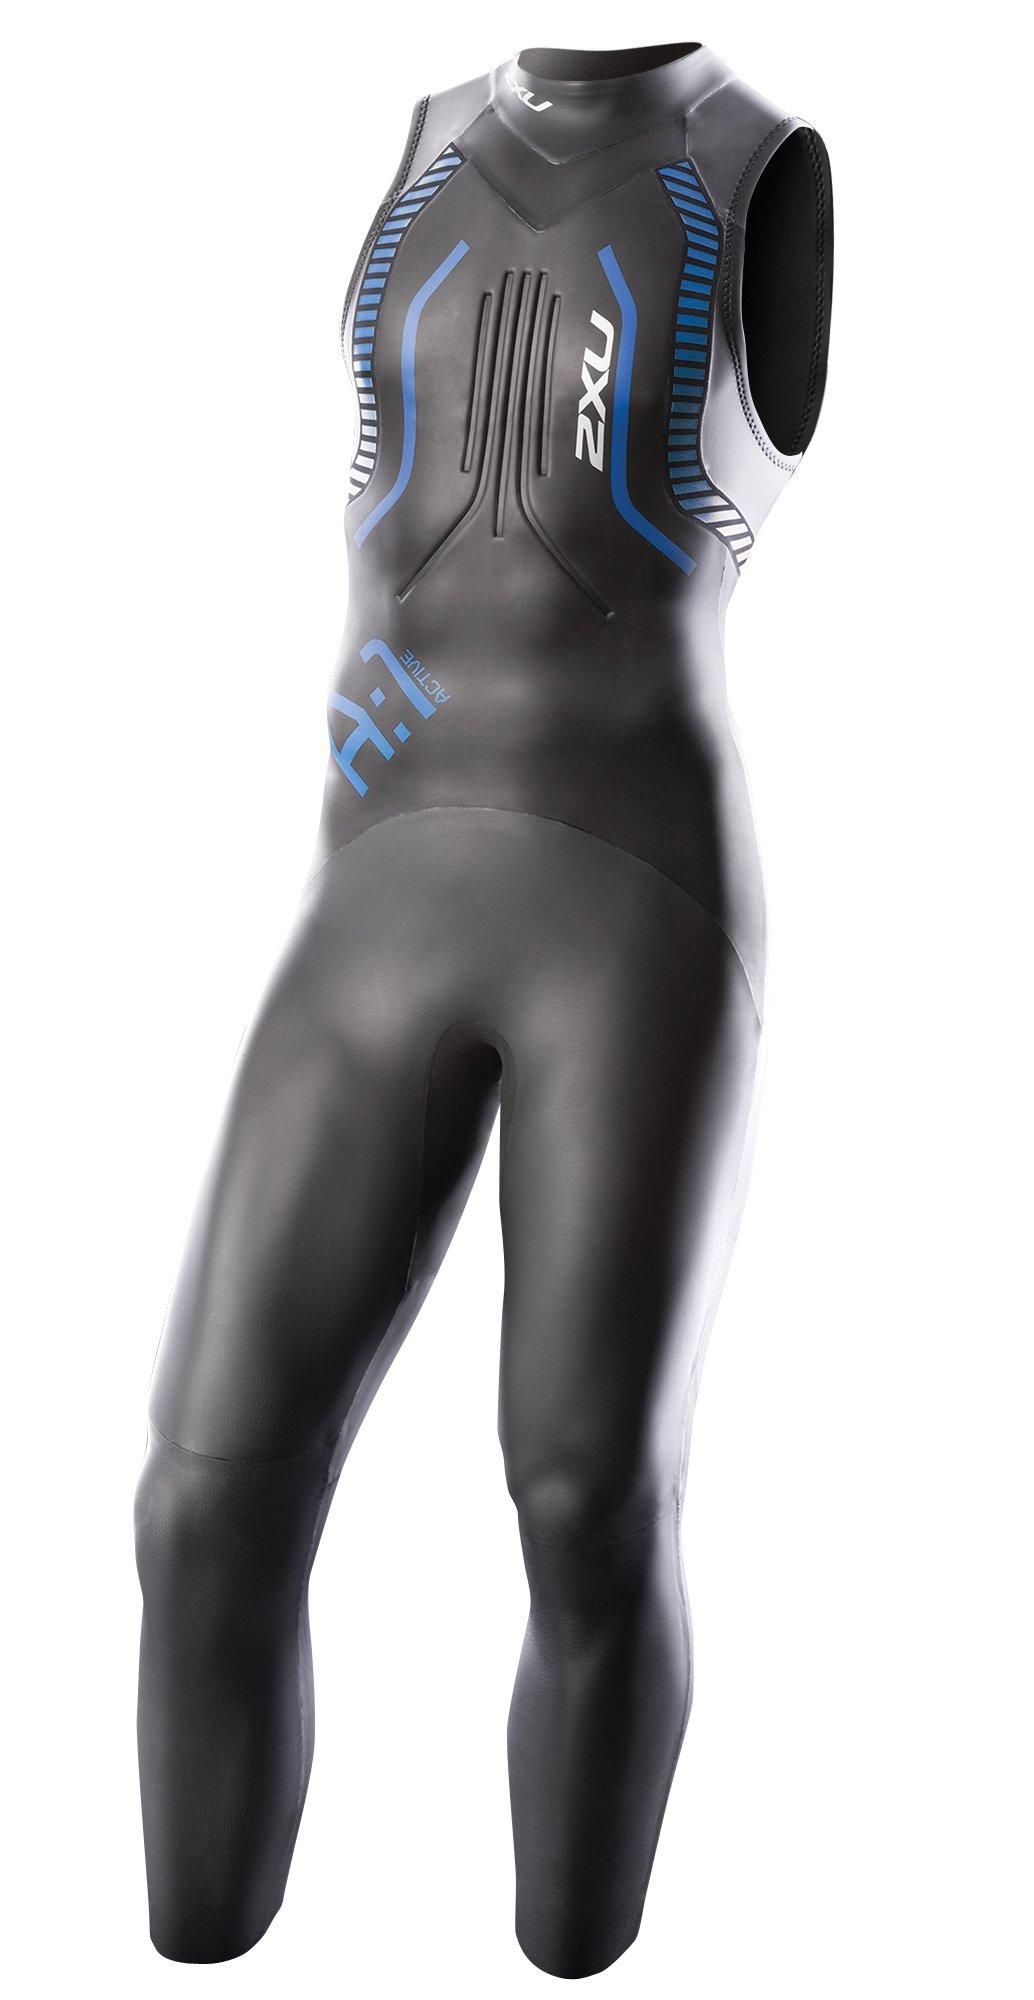 2XU Men's A:1 Active Sleeveless Wetsuit, Small/Medium, Black/Cobalt Blue